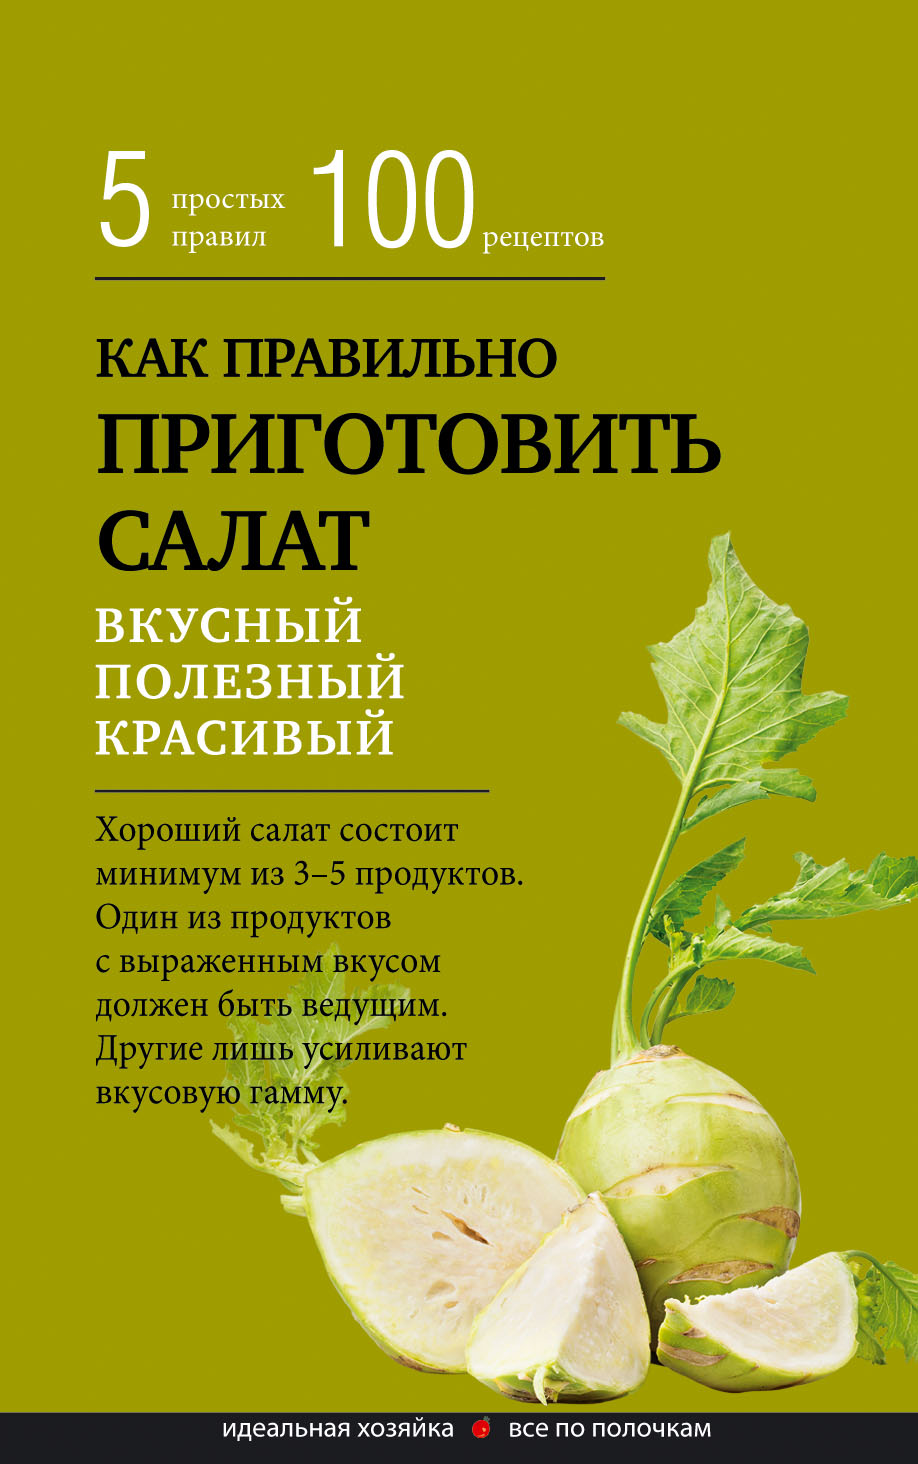 Сборник рецептов Как правильно приготовить салат. Пять простых правил и 100 рецептов цена